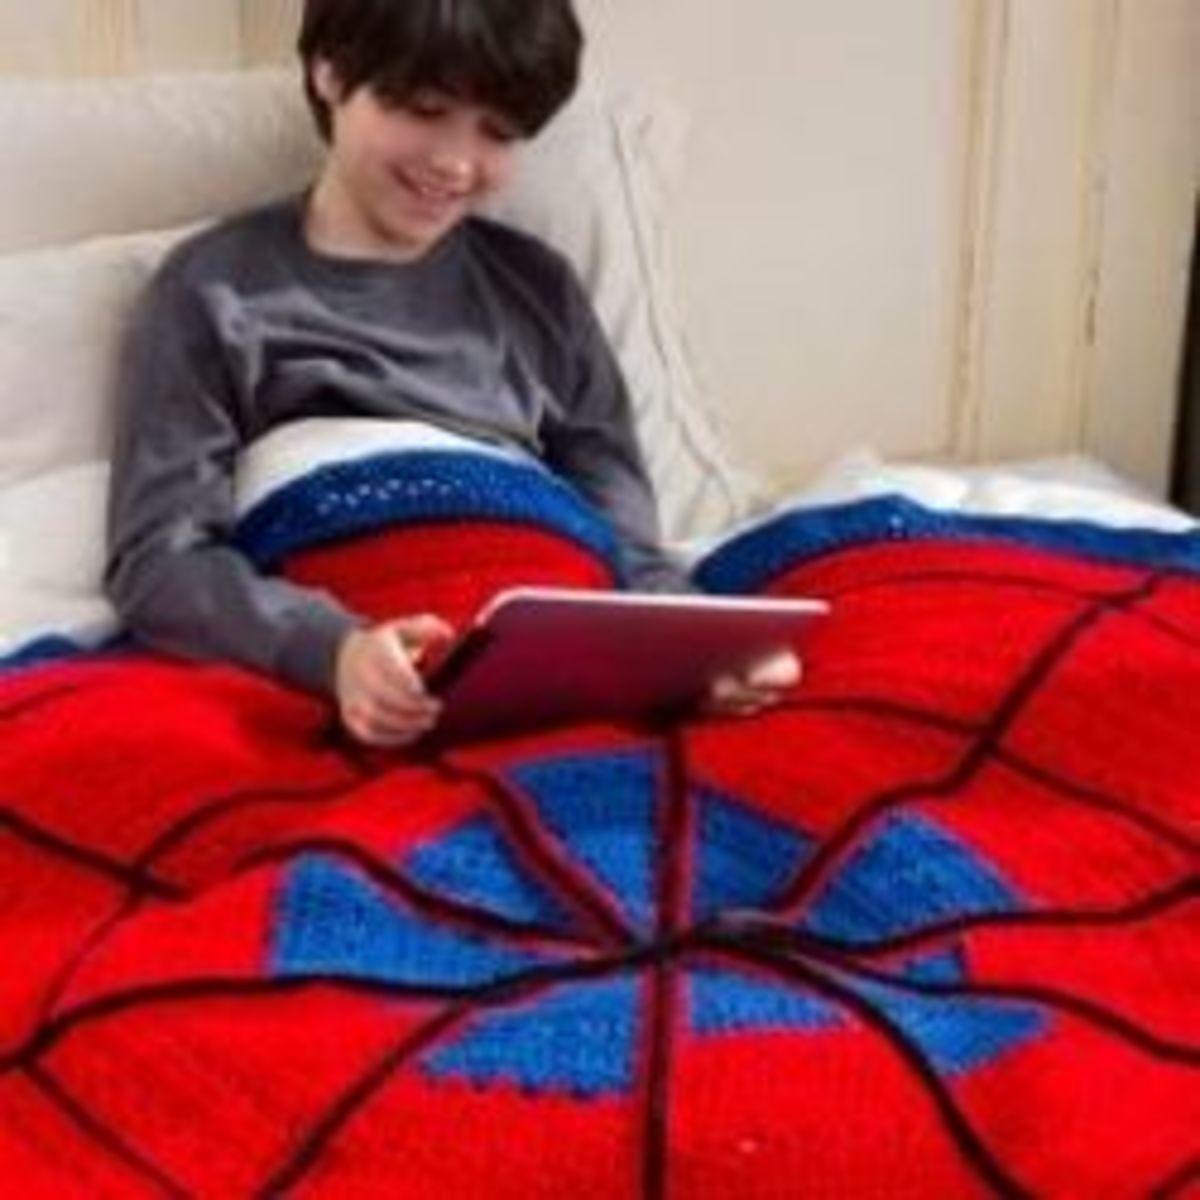 Crochet a Spiderman Inspired Blanket for your Superhero